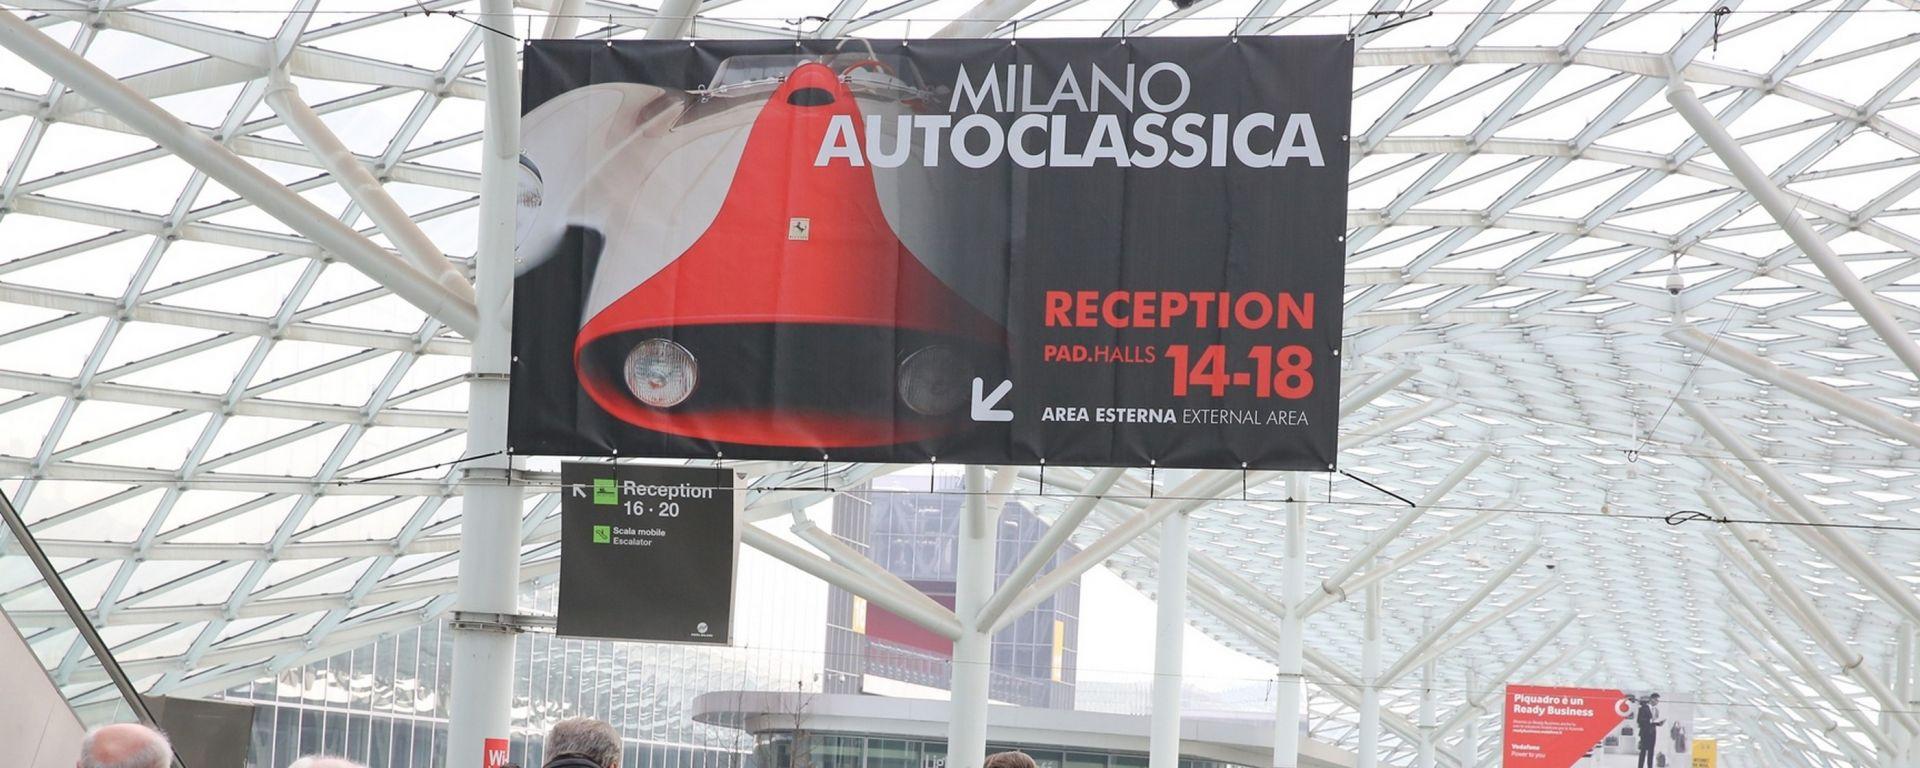 Milano AutoClassica 2017: l'auto d'epoca conquista Milano